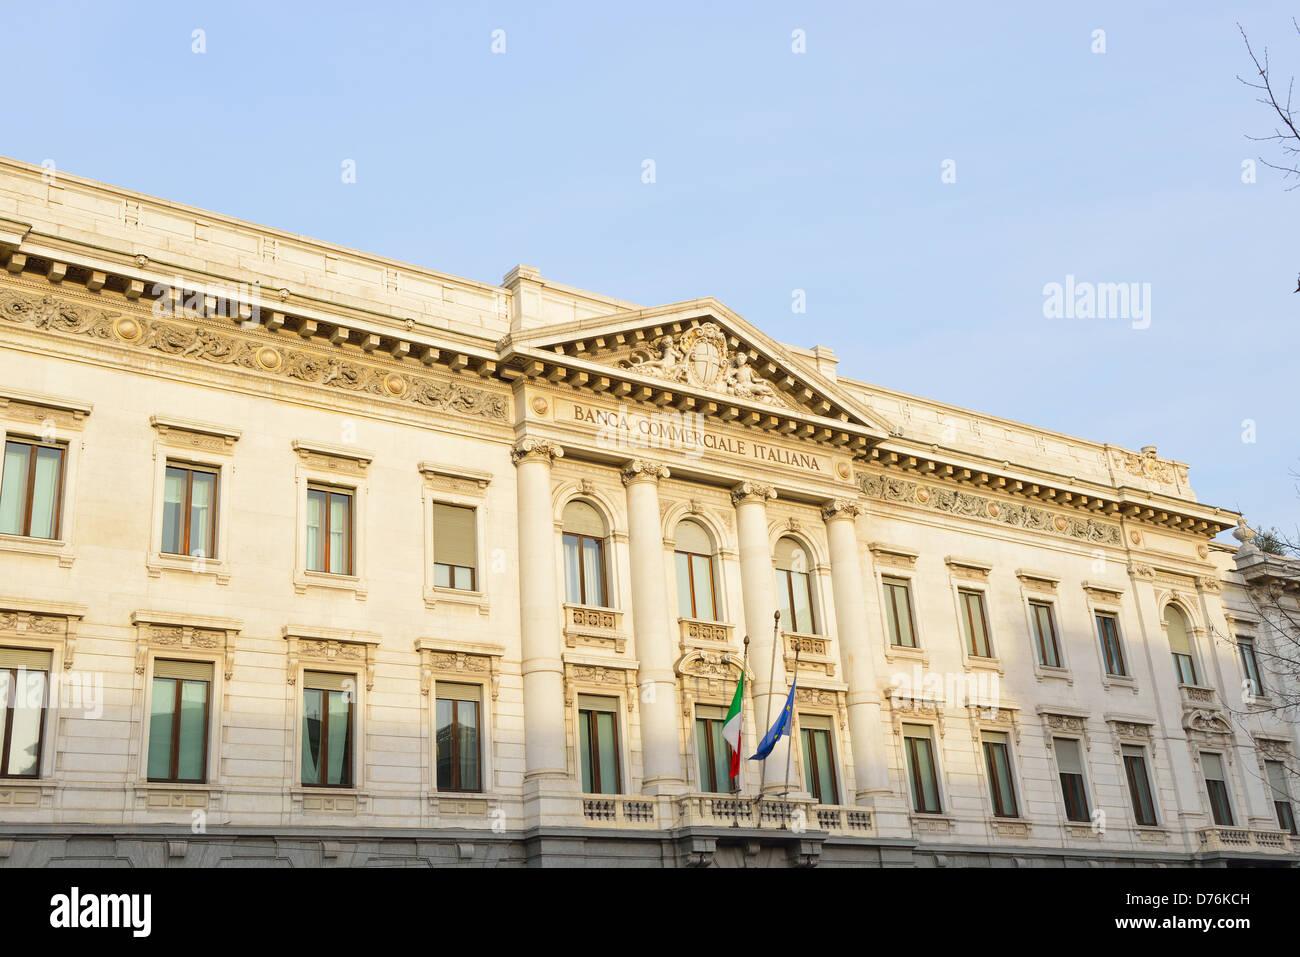 El Palacio de la Banca Commerciale Italiana (en italiano, Palazzo della Banca Commerciale Italiana) es un edificio Imagen De Stock